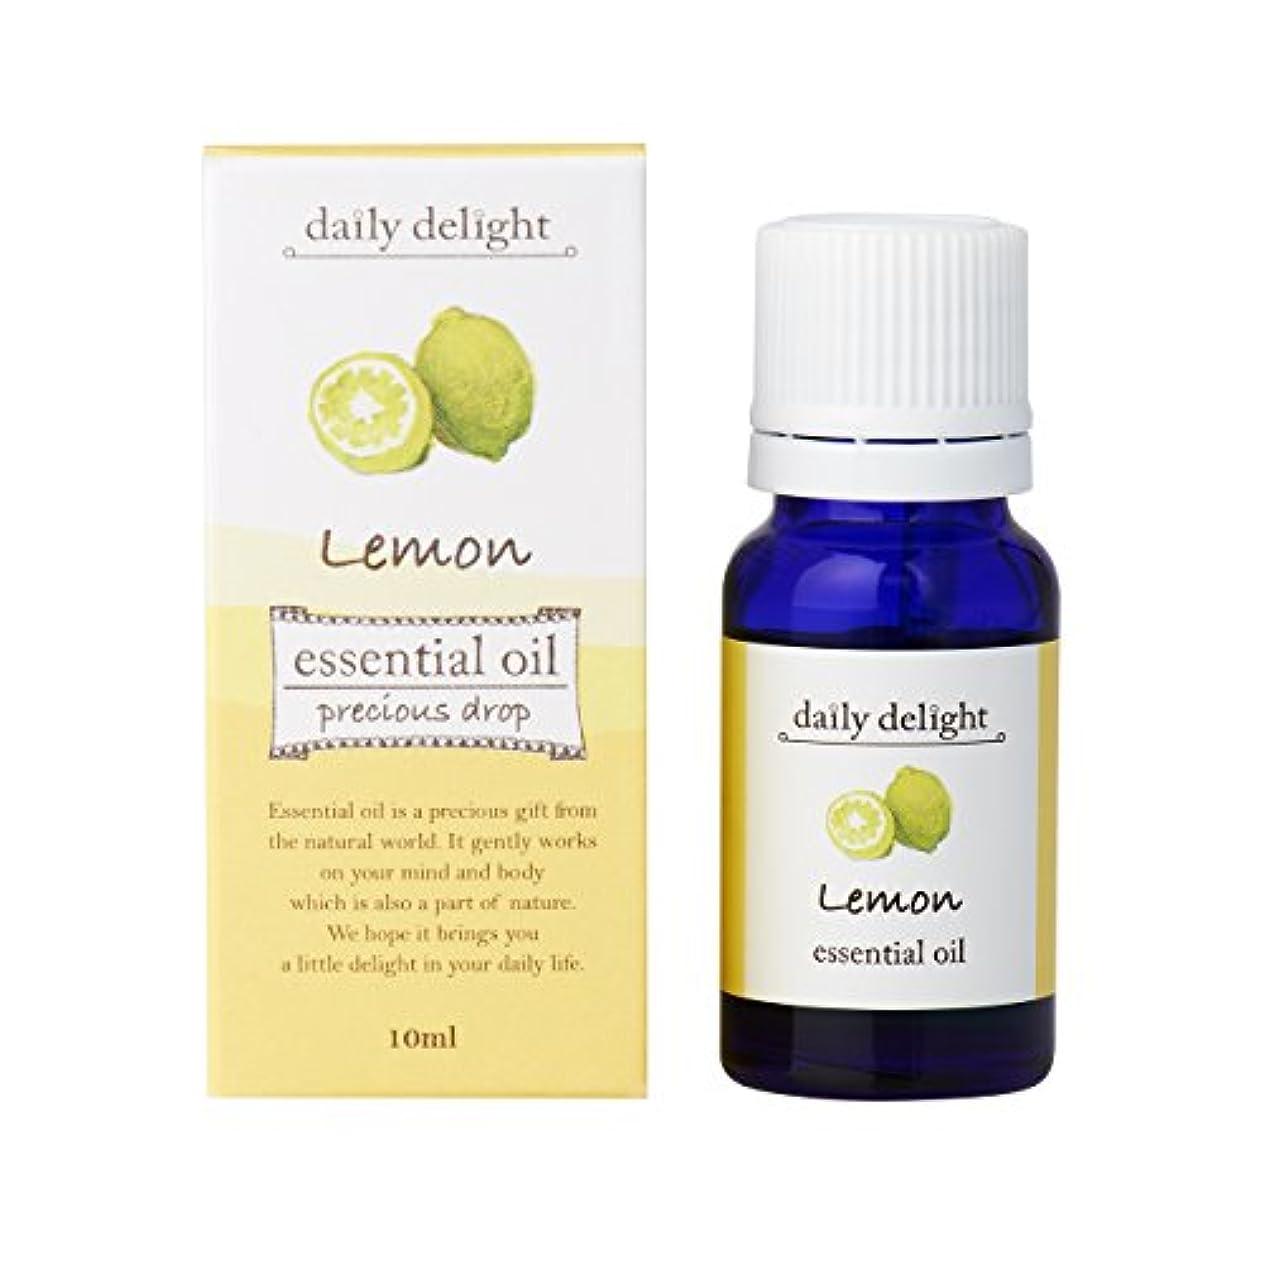 支払う品揃え例示するデイリーディライト エッセンシャルオイル  レモン 10ml(天然100% 精油 アロマ 柑橘系 さっぱりして気分転換におすすめの香り)